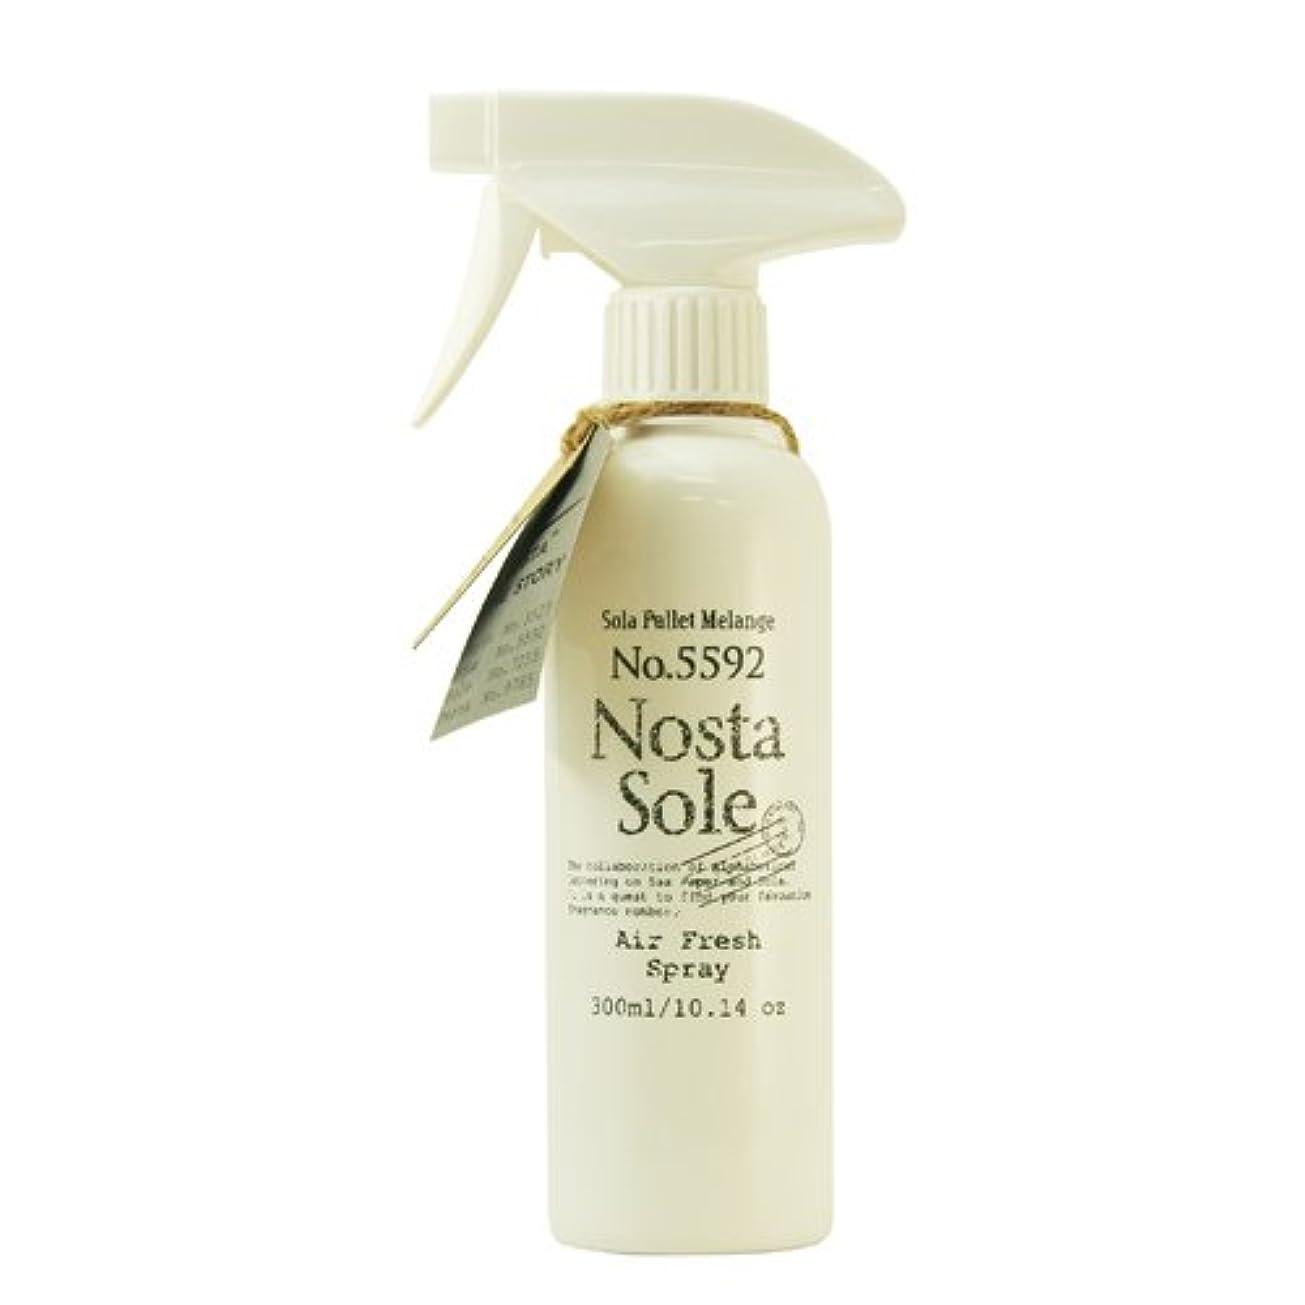 口述提案するトラフィックNosta ノスタ Air Fresh Spray エアーフレッシュスプレー(ルームスプレー)Sole ソーレ / 太陽